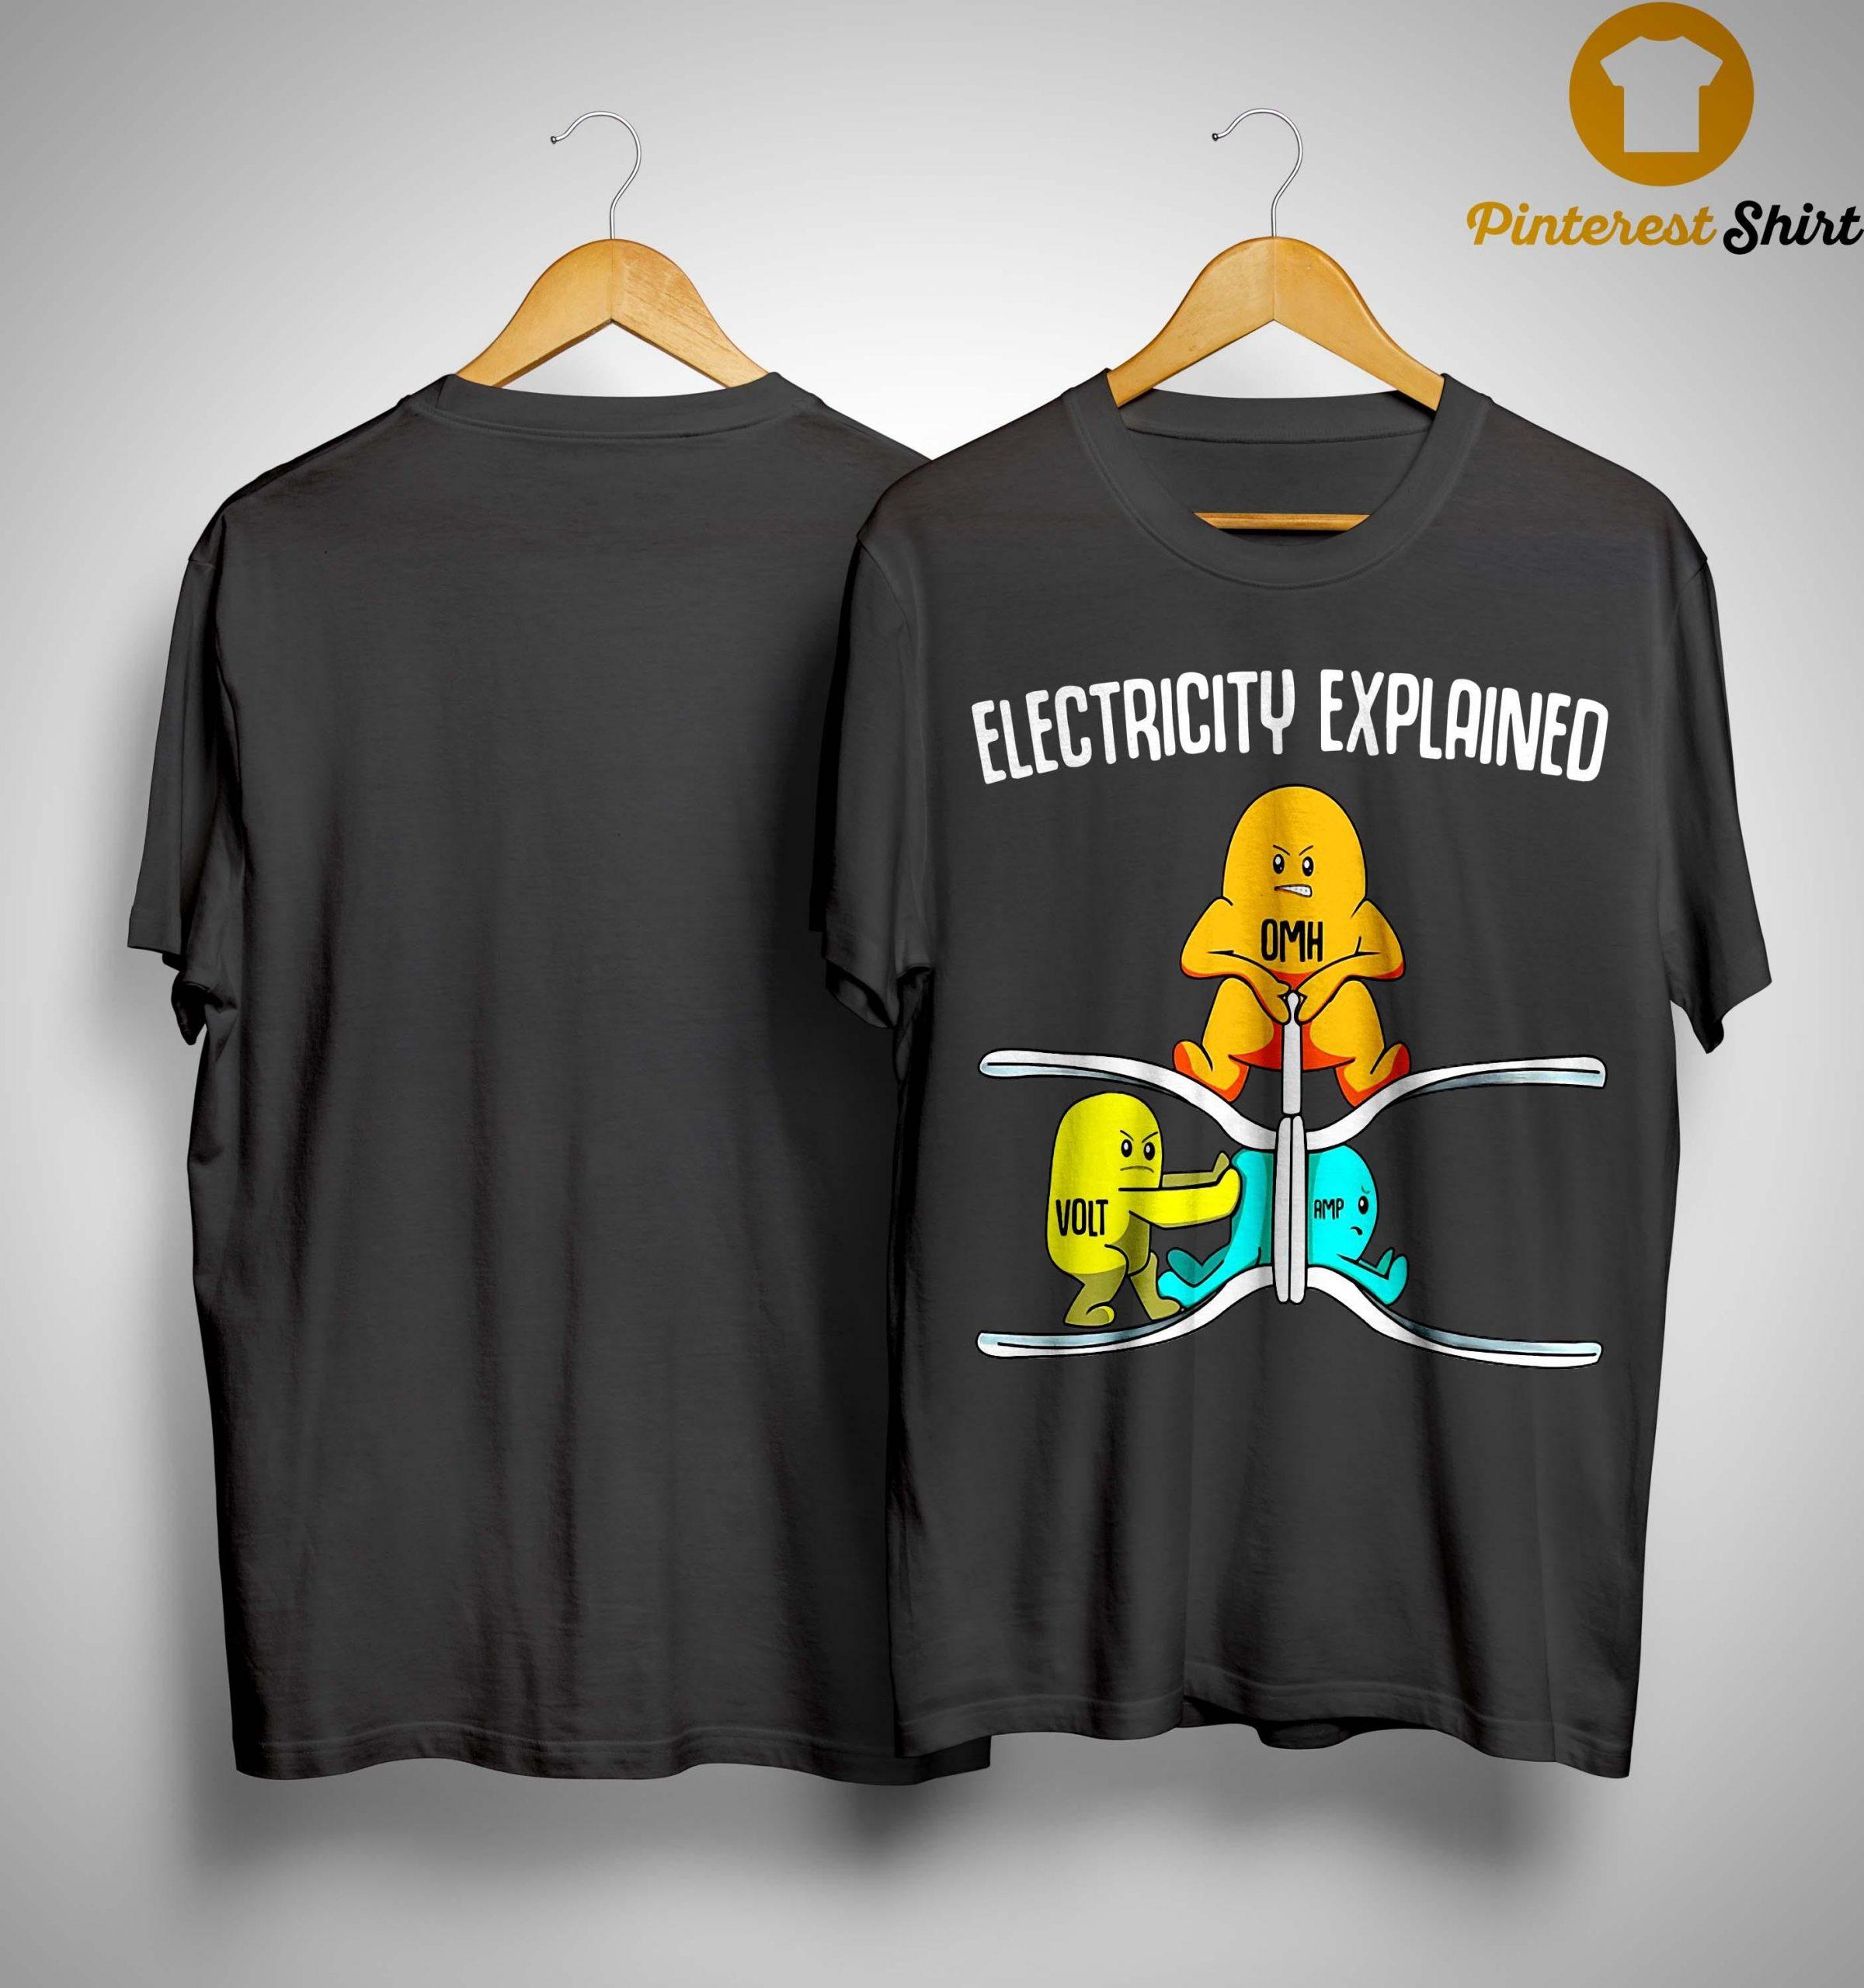 Ohm Volt Electricity Explained Shirt